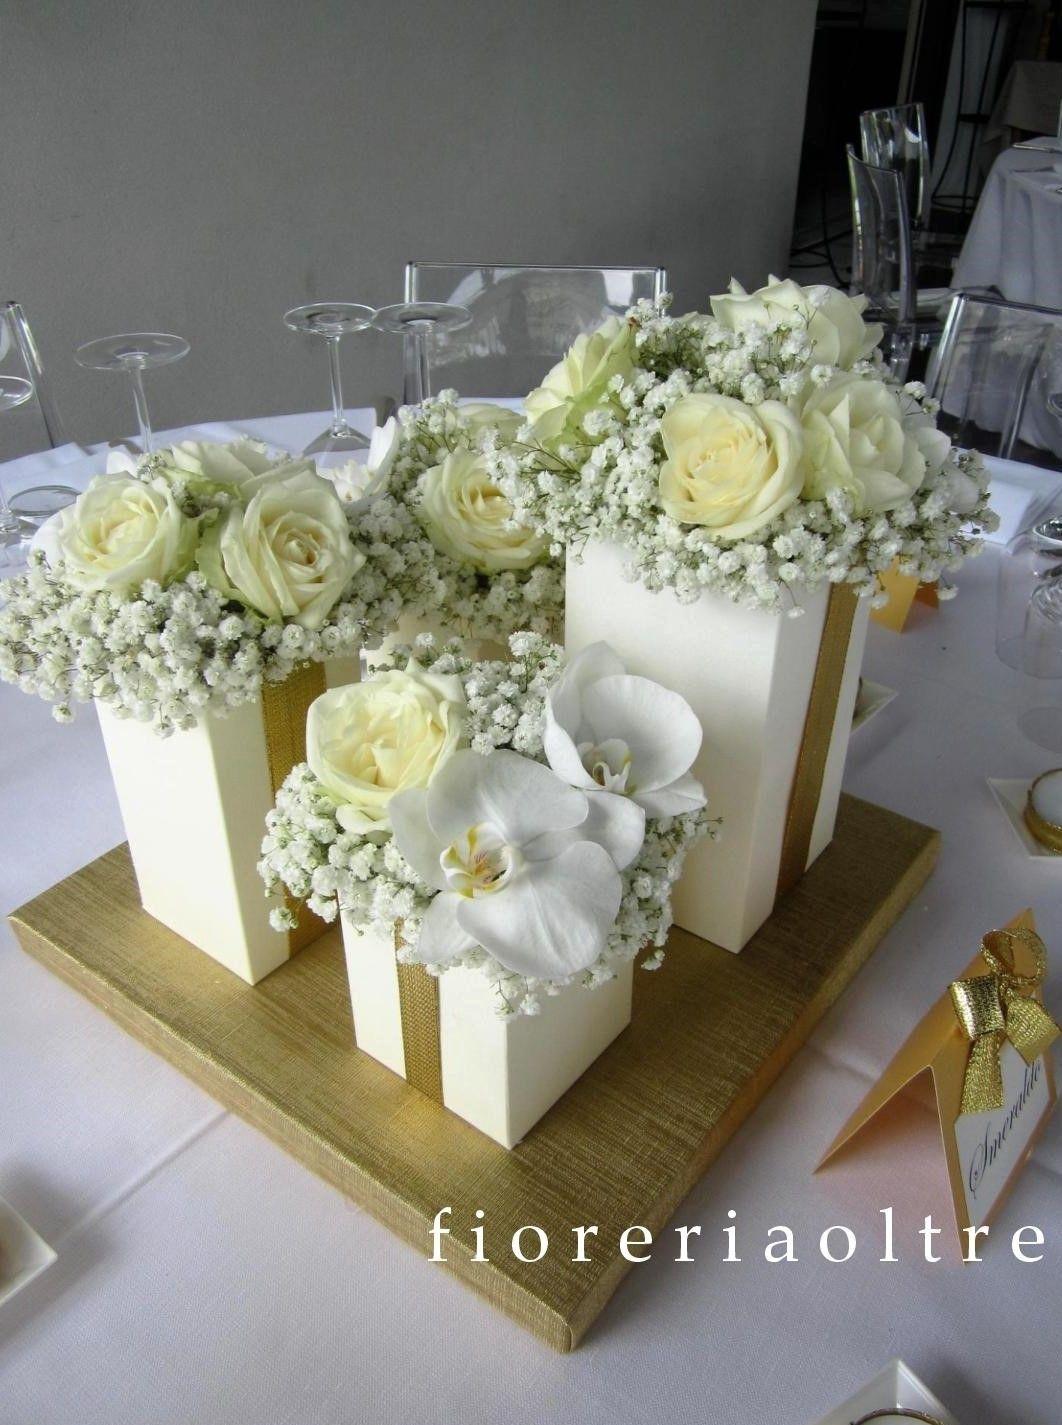 Fioreria Oltre 50th Wedding Anniversary Golden Ann In 2020 50th Wedding Anniversary Decorations Golden Wedding Anniversary Decorations 50th Wedding Anniversary Party